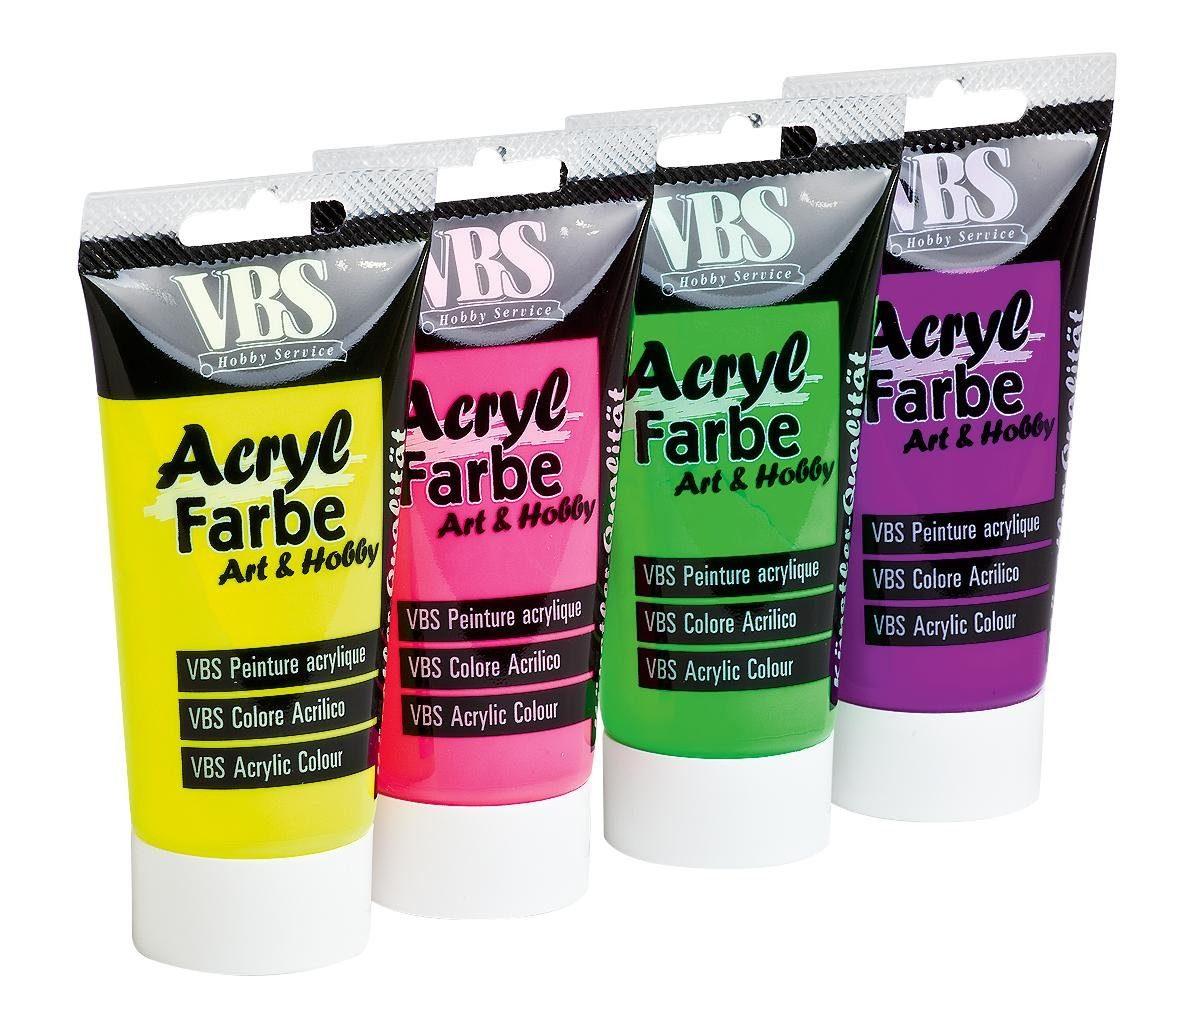 VBS Acrylfarbe Neon, Farbset